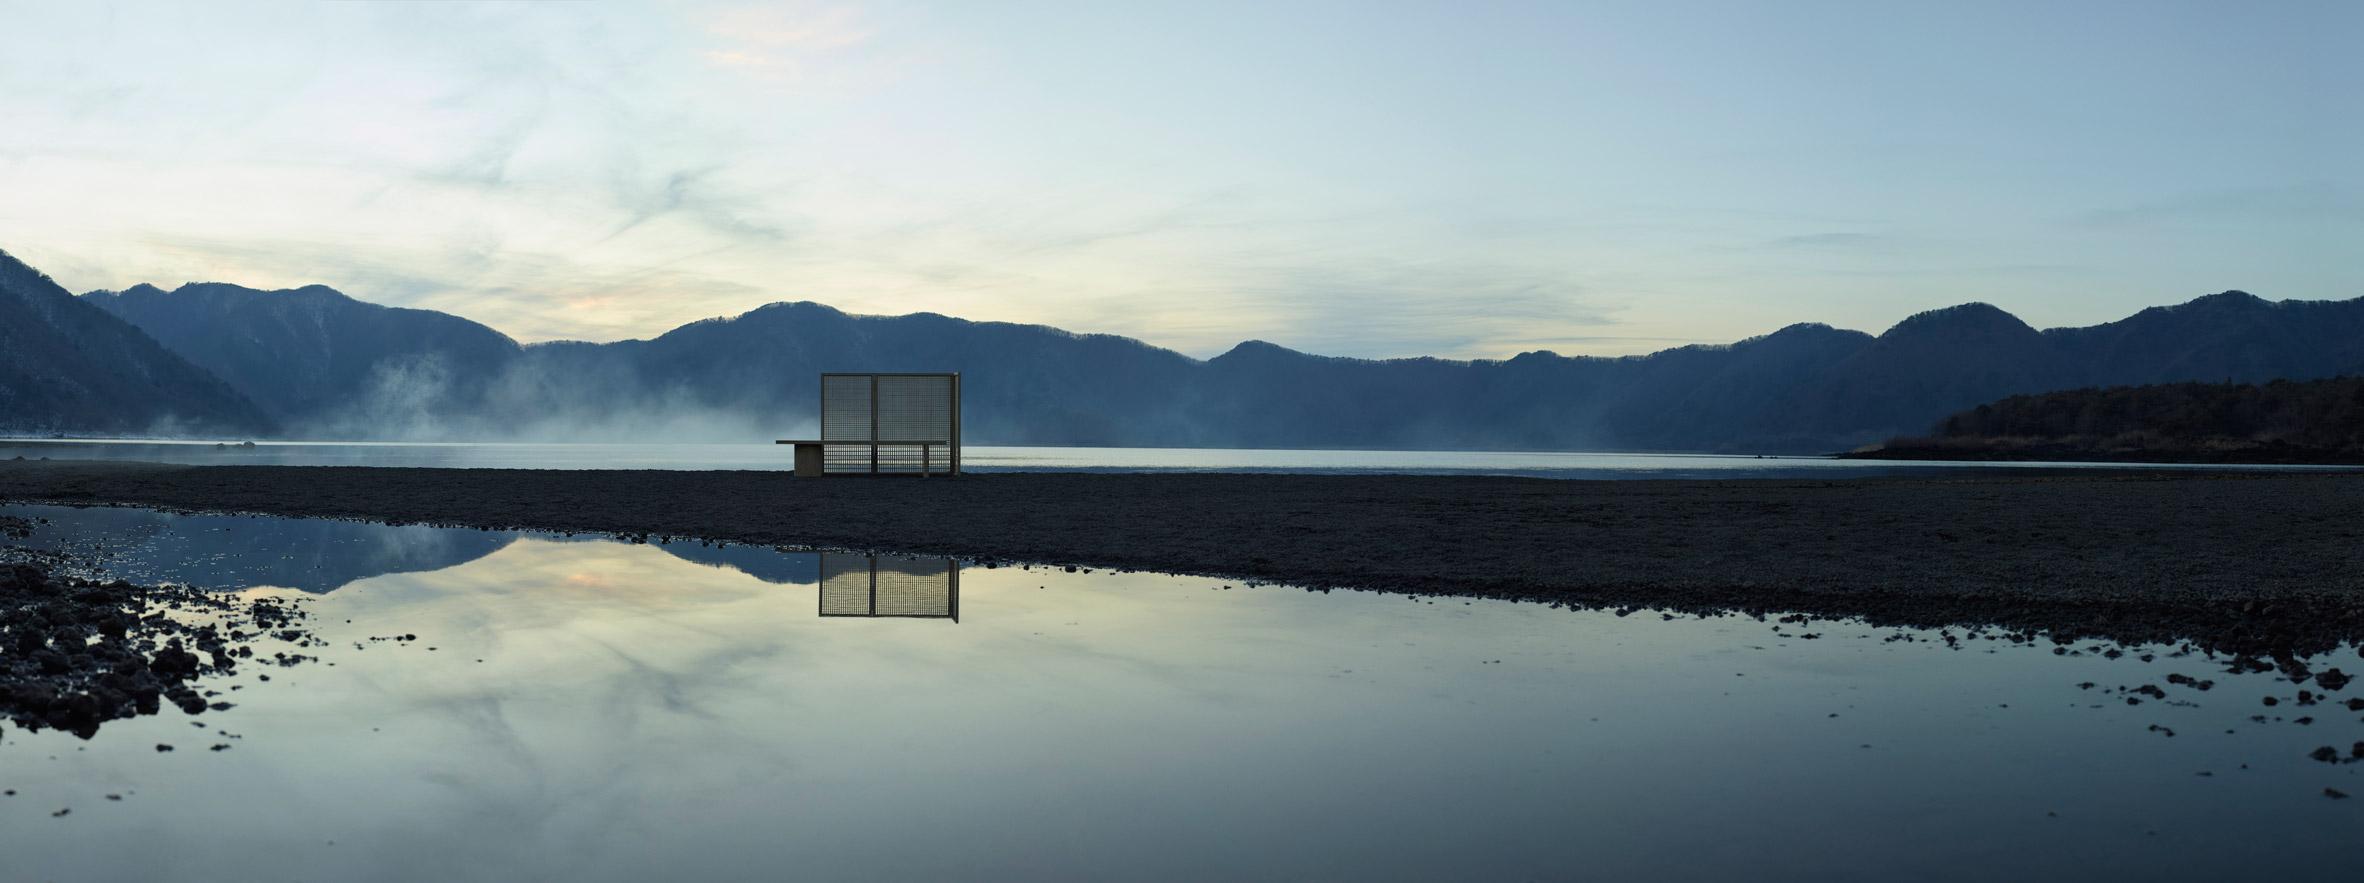 Shigeru Uchida's last work to be shown at Milan design week